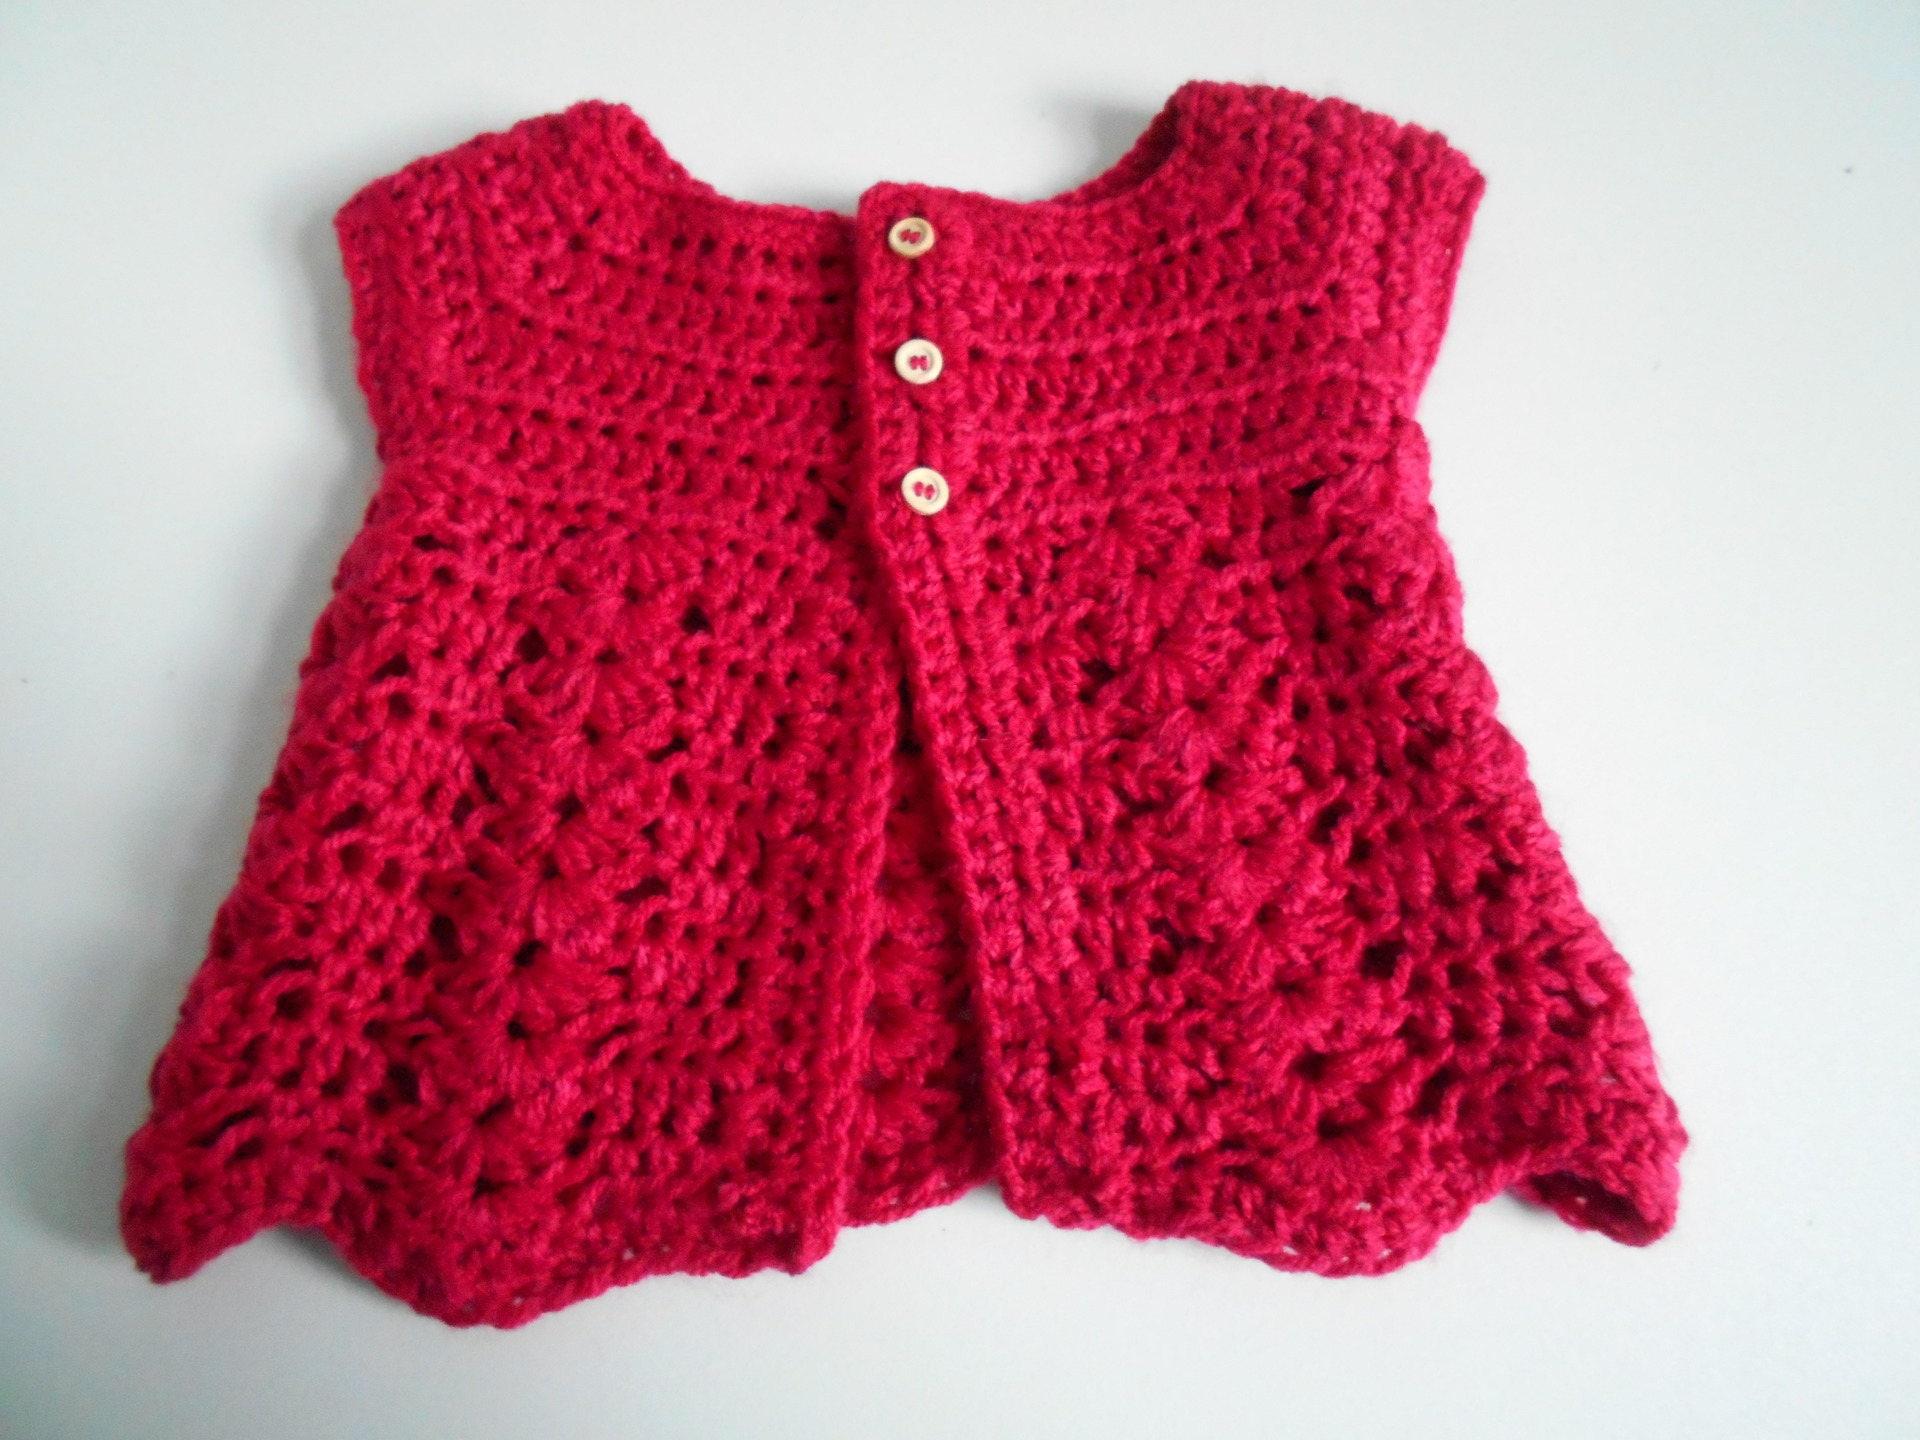 gilet bebe fille en laine fuchsia fait main au crochet. Black Bedroom Furniture Sets. Home Design Ideas